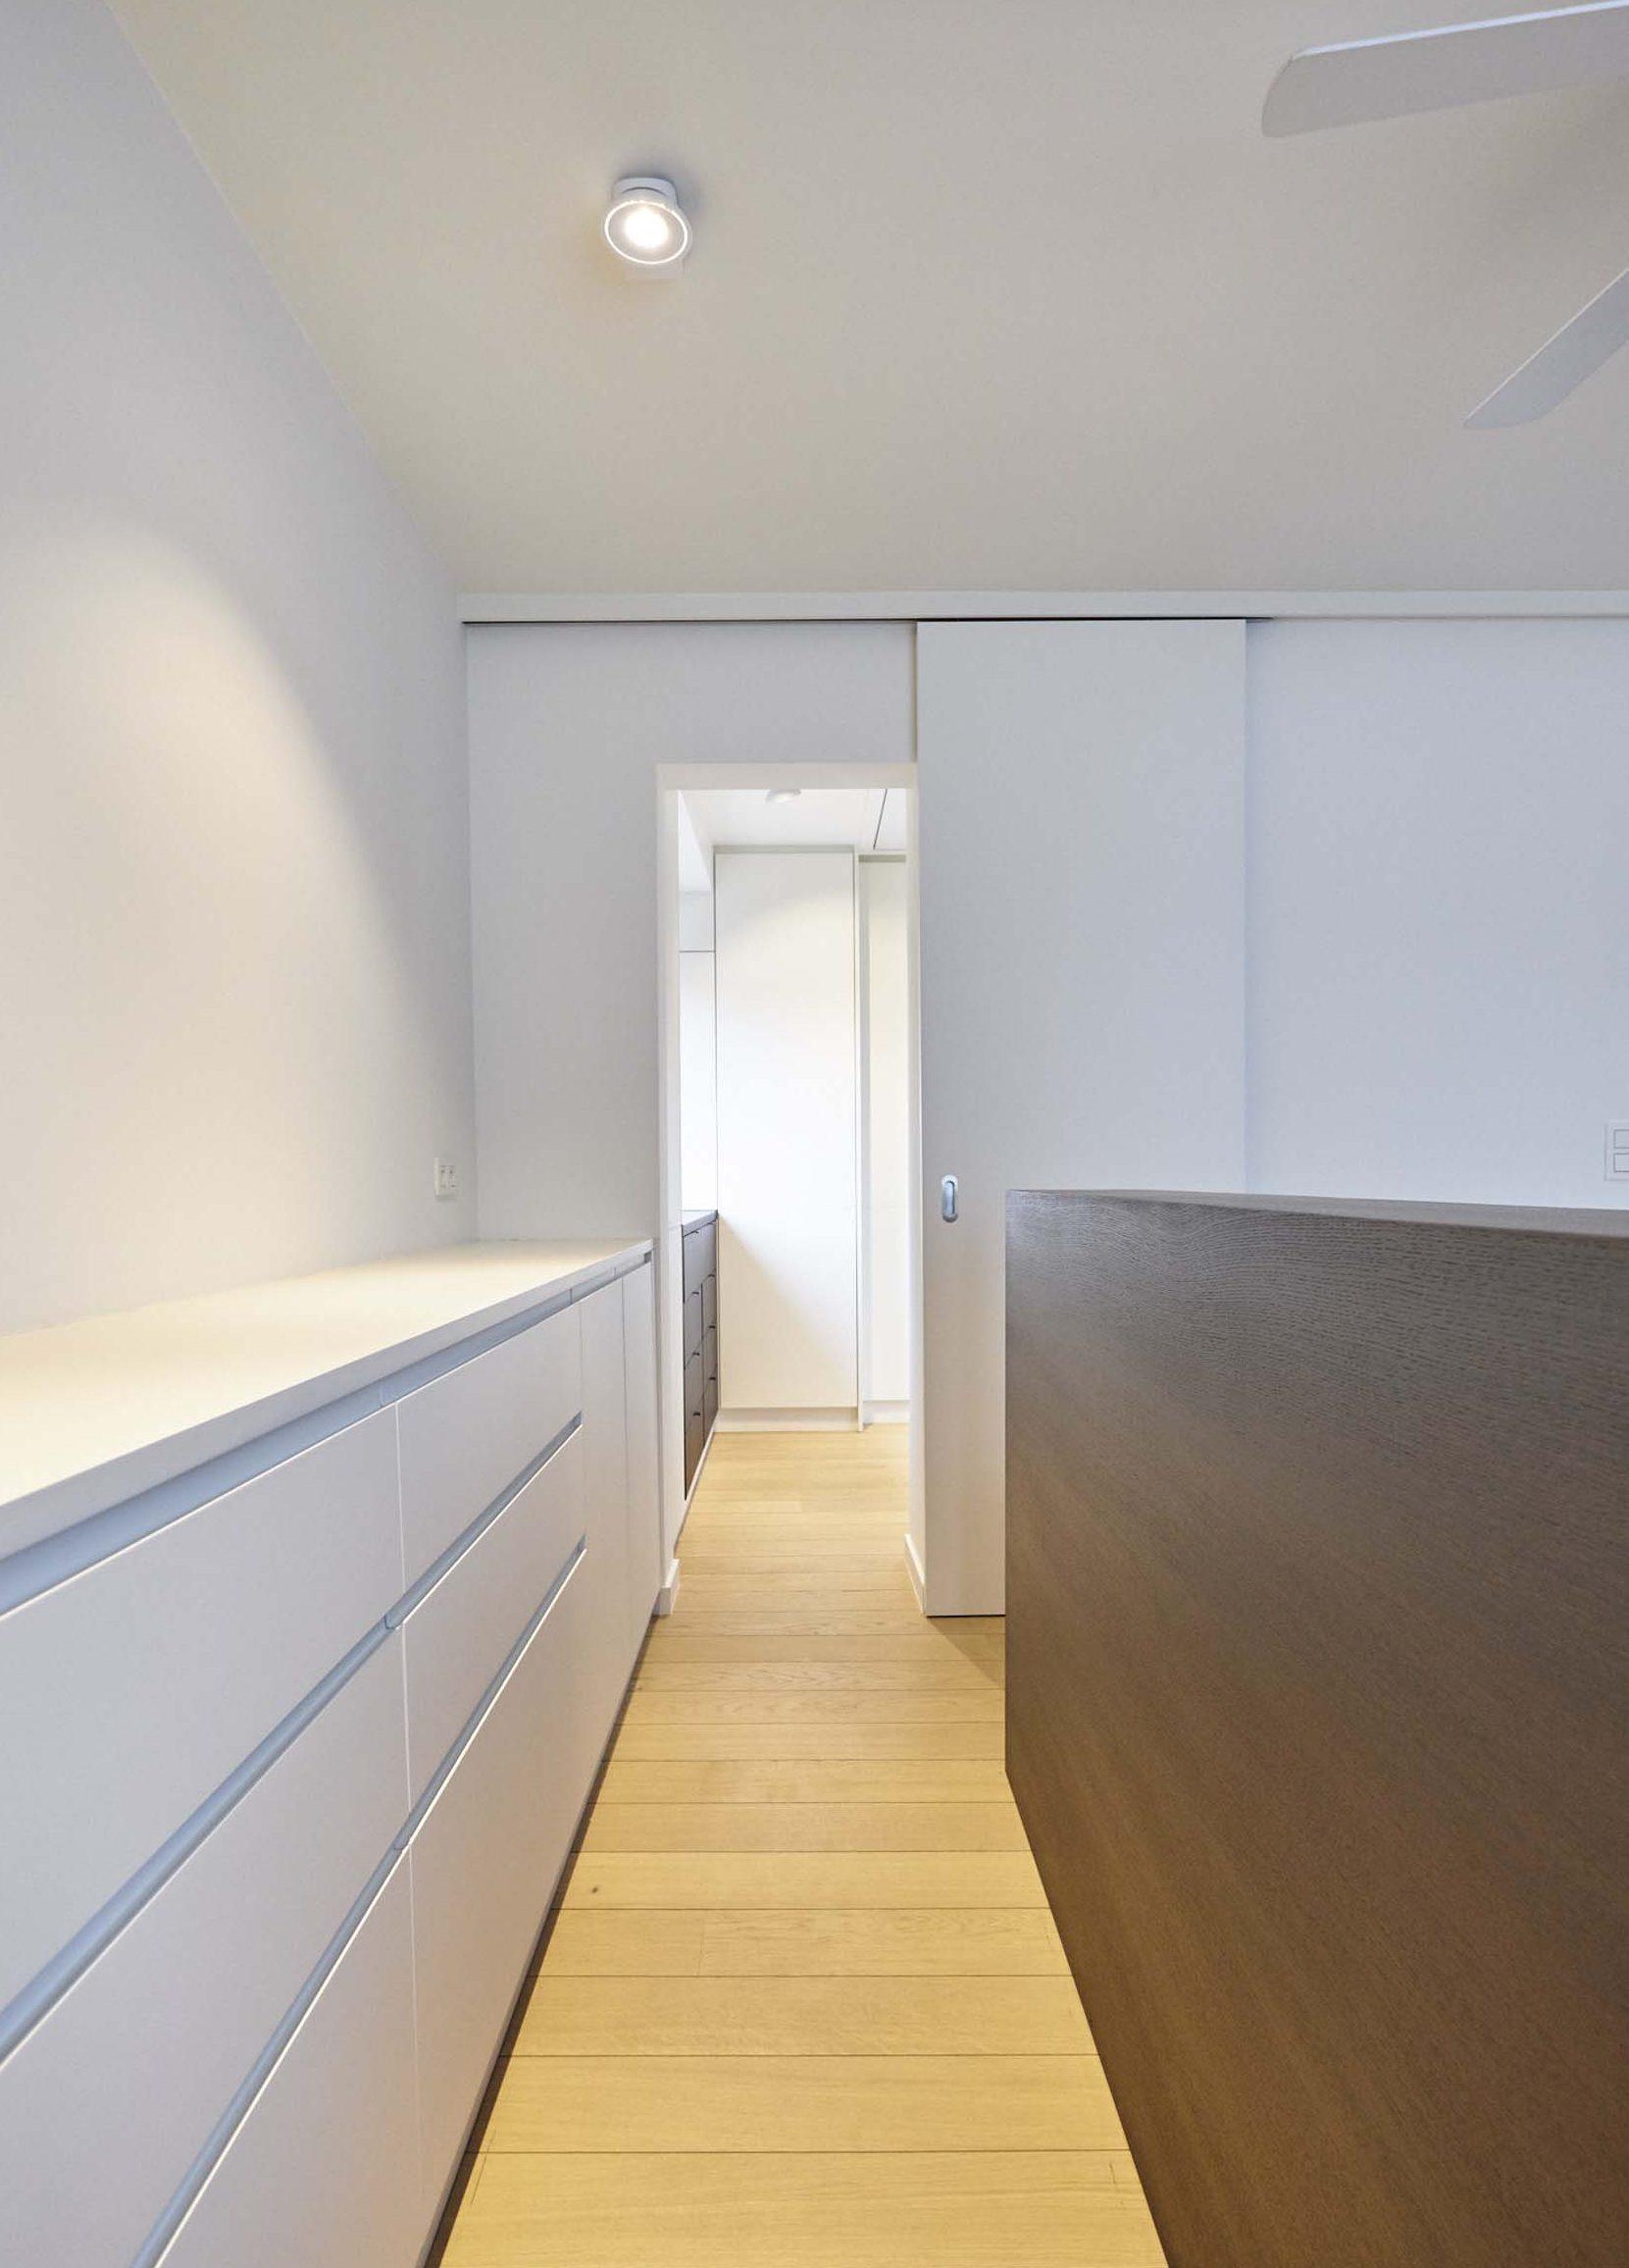 Vanda-projects-interieurinrichting-meubelmakerij-oost-vlaanderen-six-gent-kast